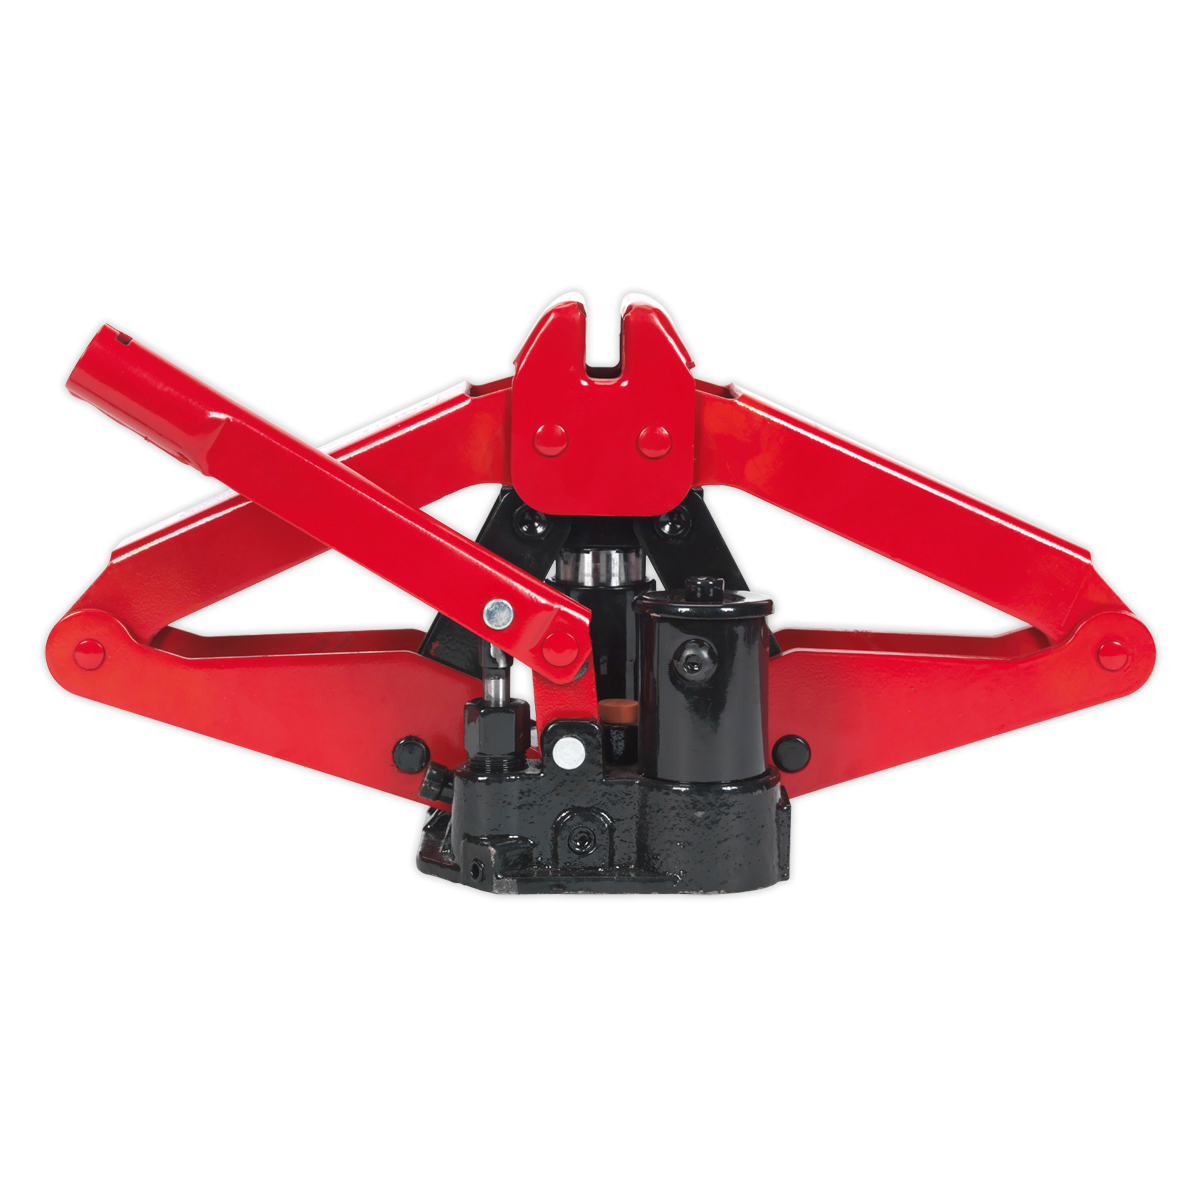 Sealey Hsj07 Hydraulic Scissor Jack 700kg Sealey Hsj07